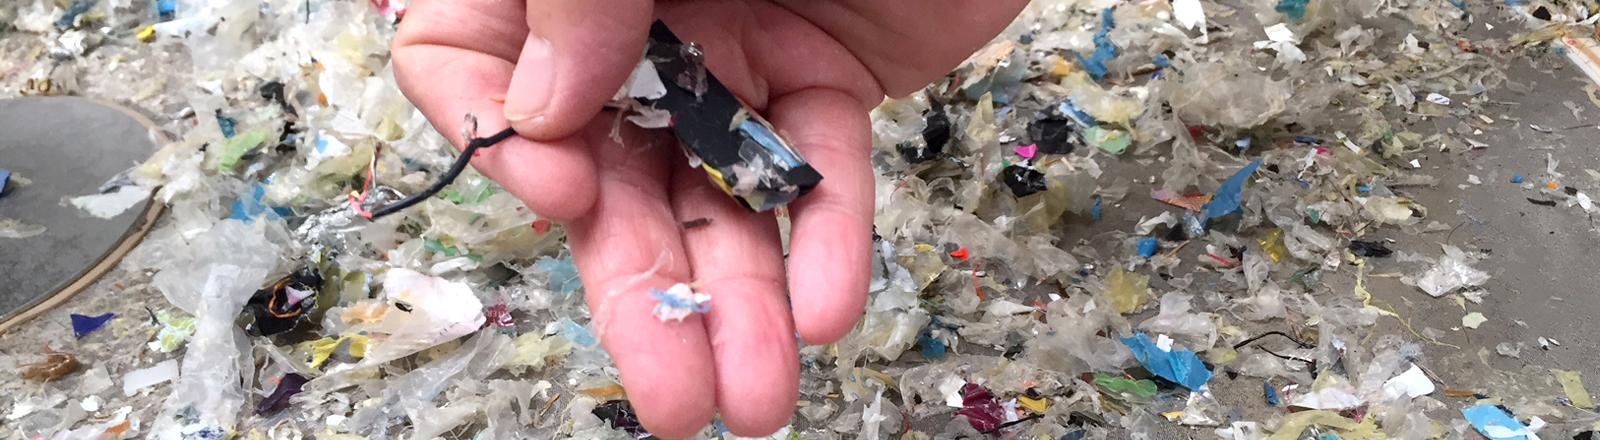 Eine Hand hält Plastikteile in die Kamera